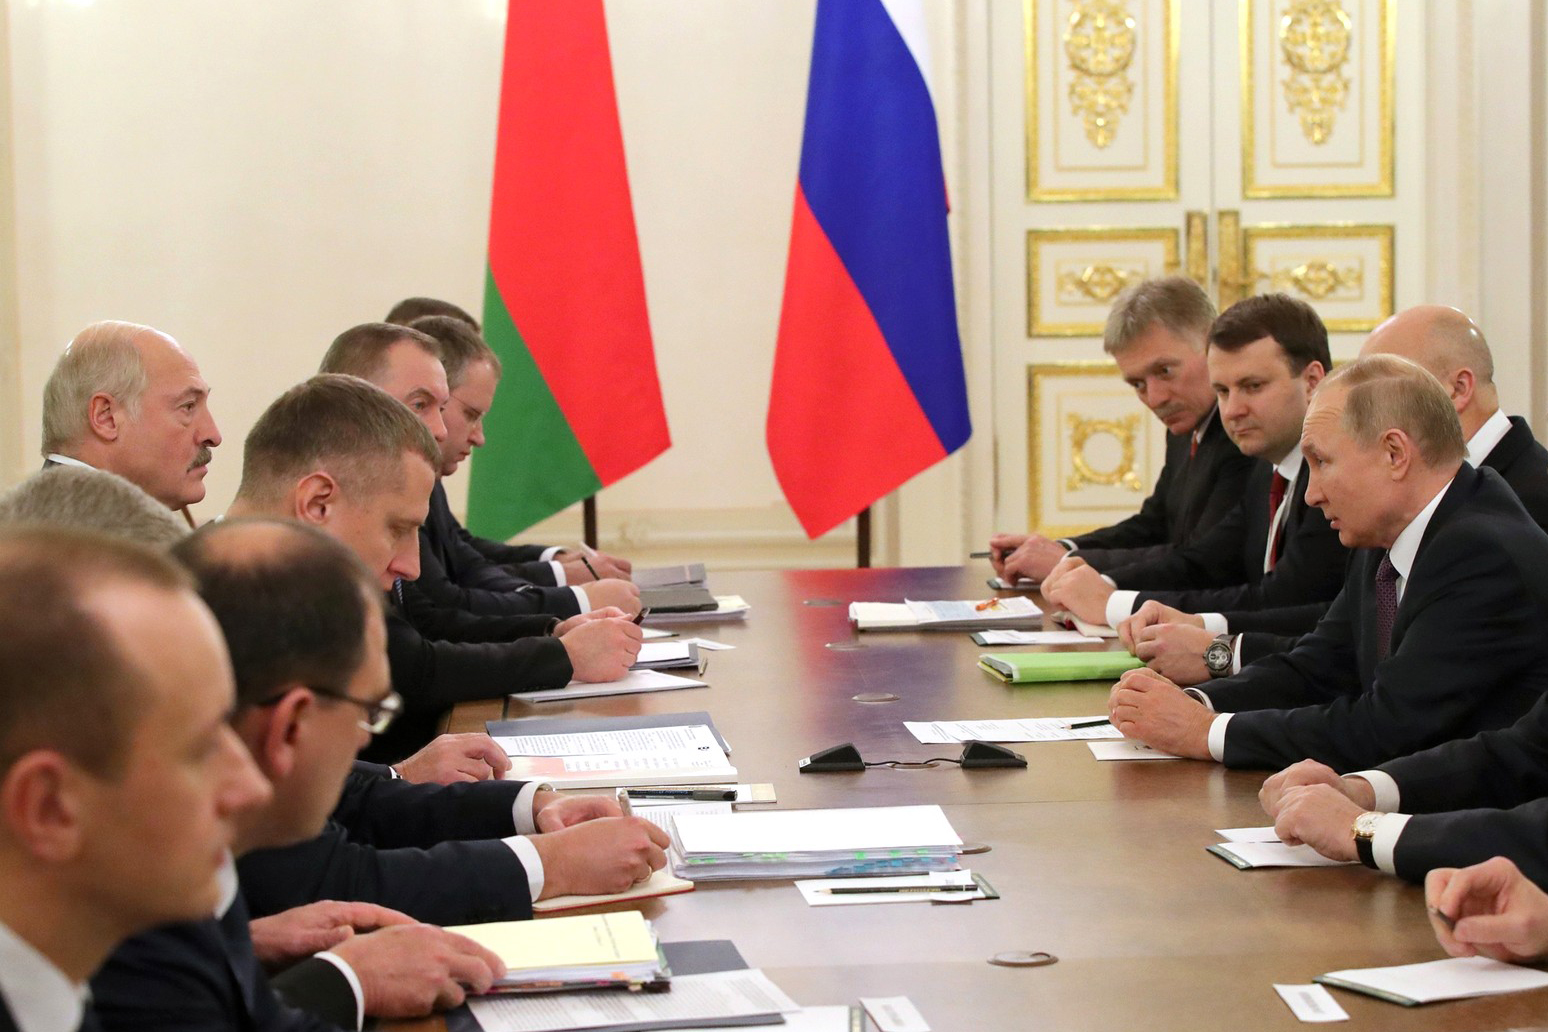 Россия и Беларусь: взаимоотношения стран проходят «крещение огнём» (окончание)